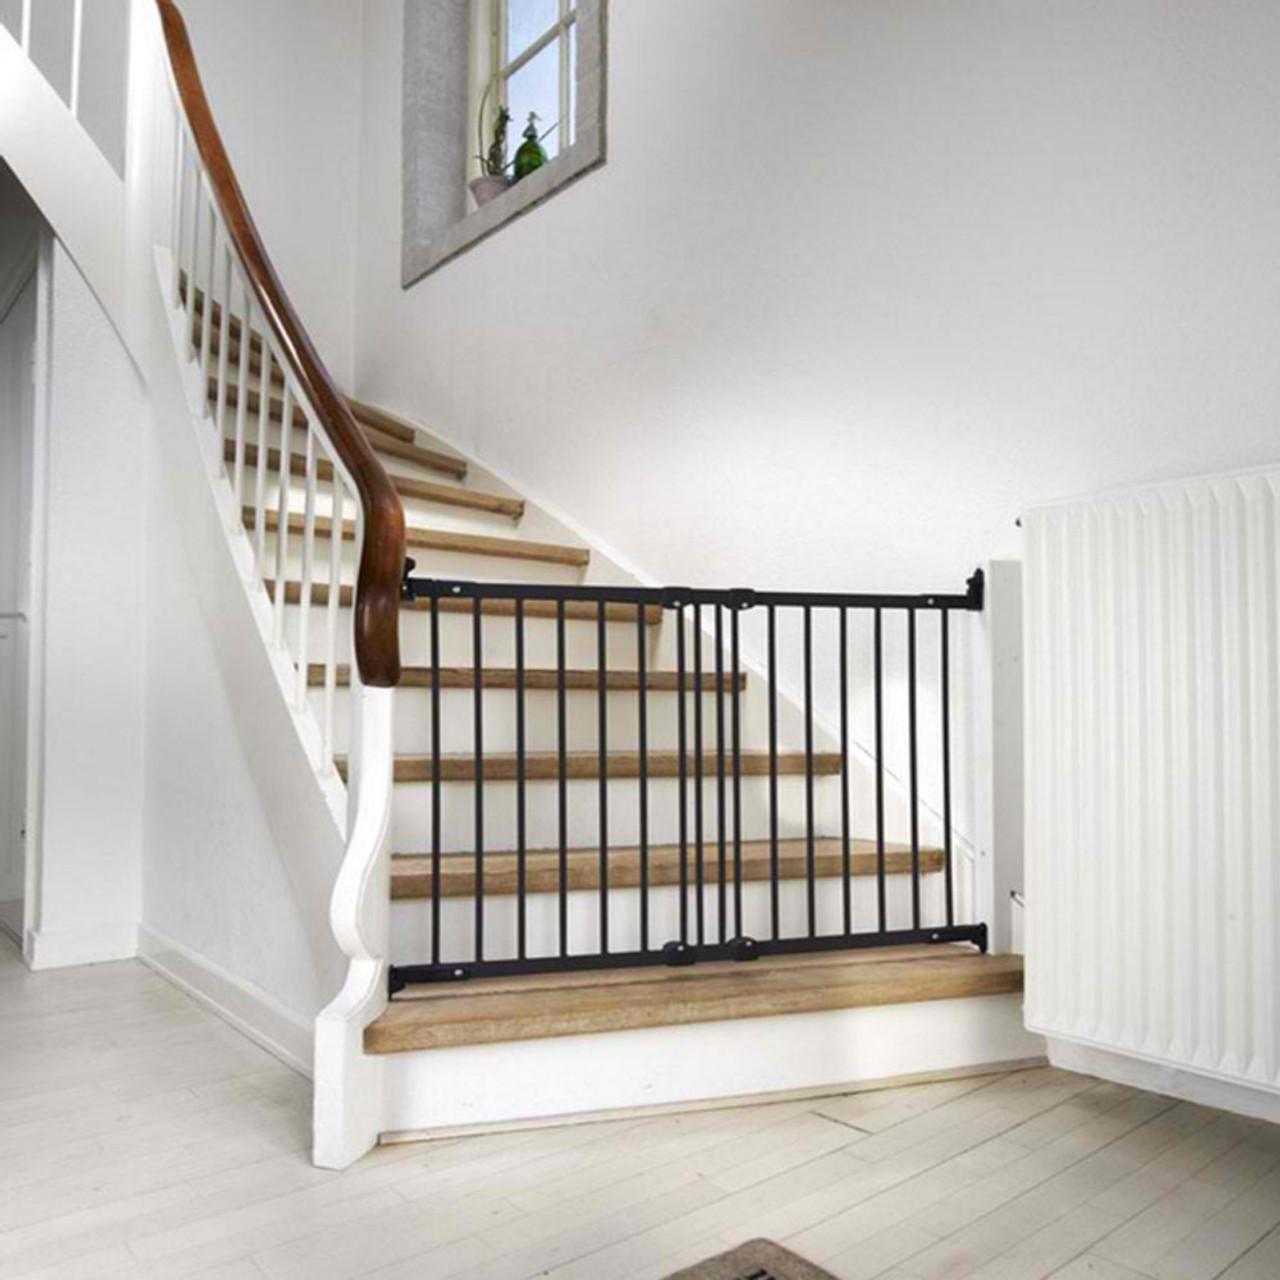 BABYDAN FLEXI FIT BLACK METAL STAIR GATE On Stairs